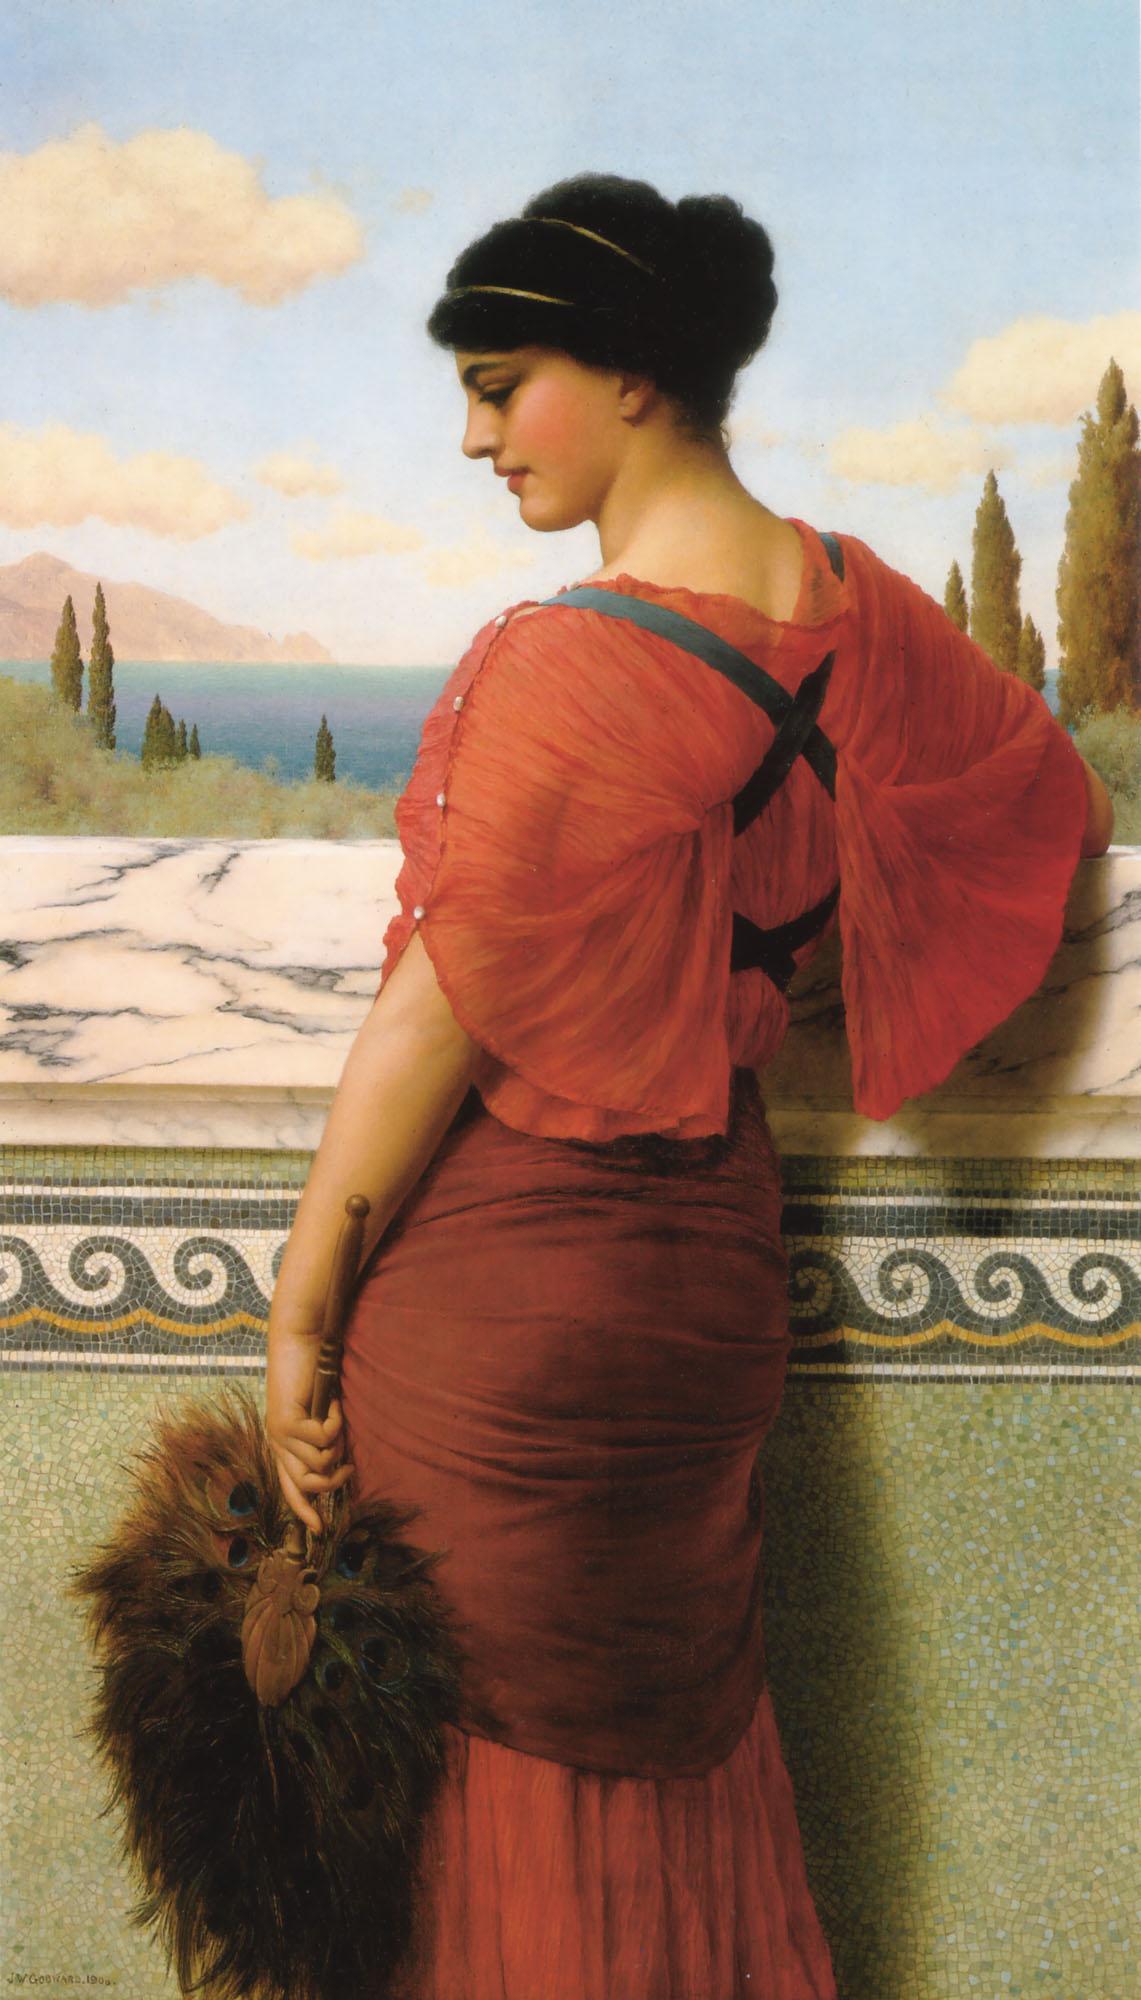 Филис (др имя Кампаспа), гетера, кот прокатилась под окнами Александра Макед. на спине философа Аристотеля, демонстрируя силу женских чар